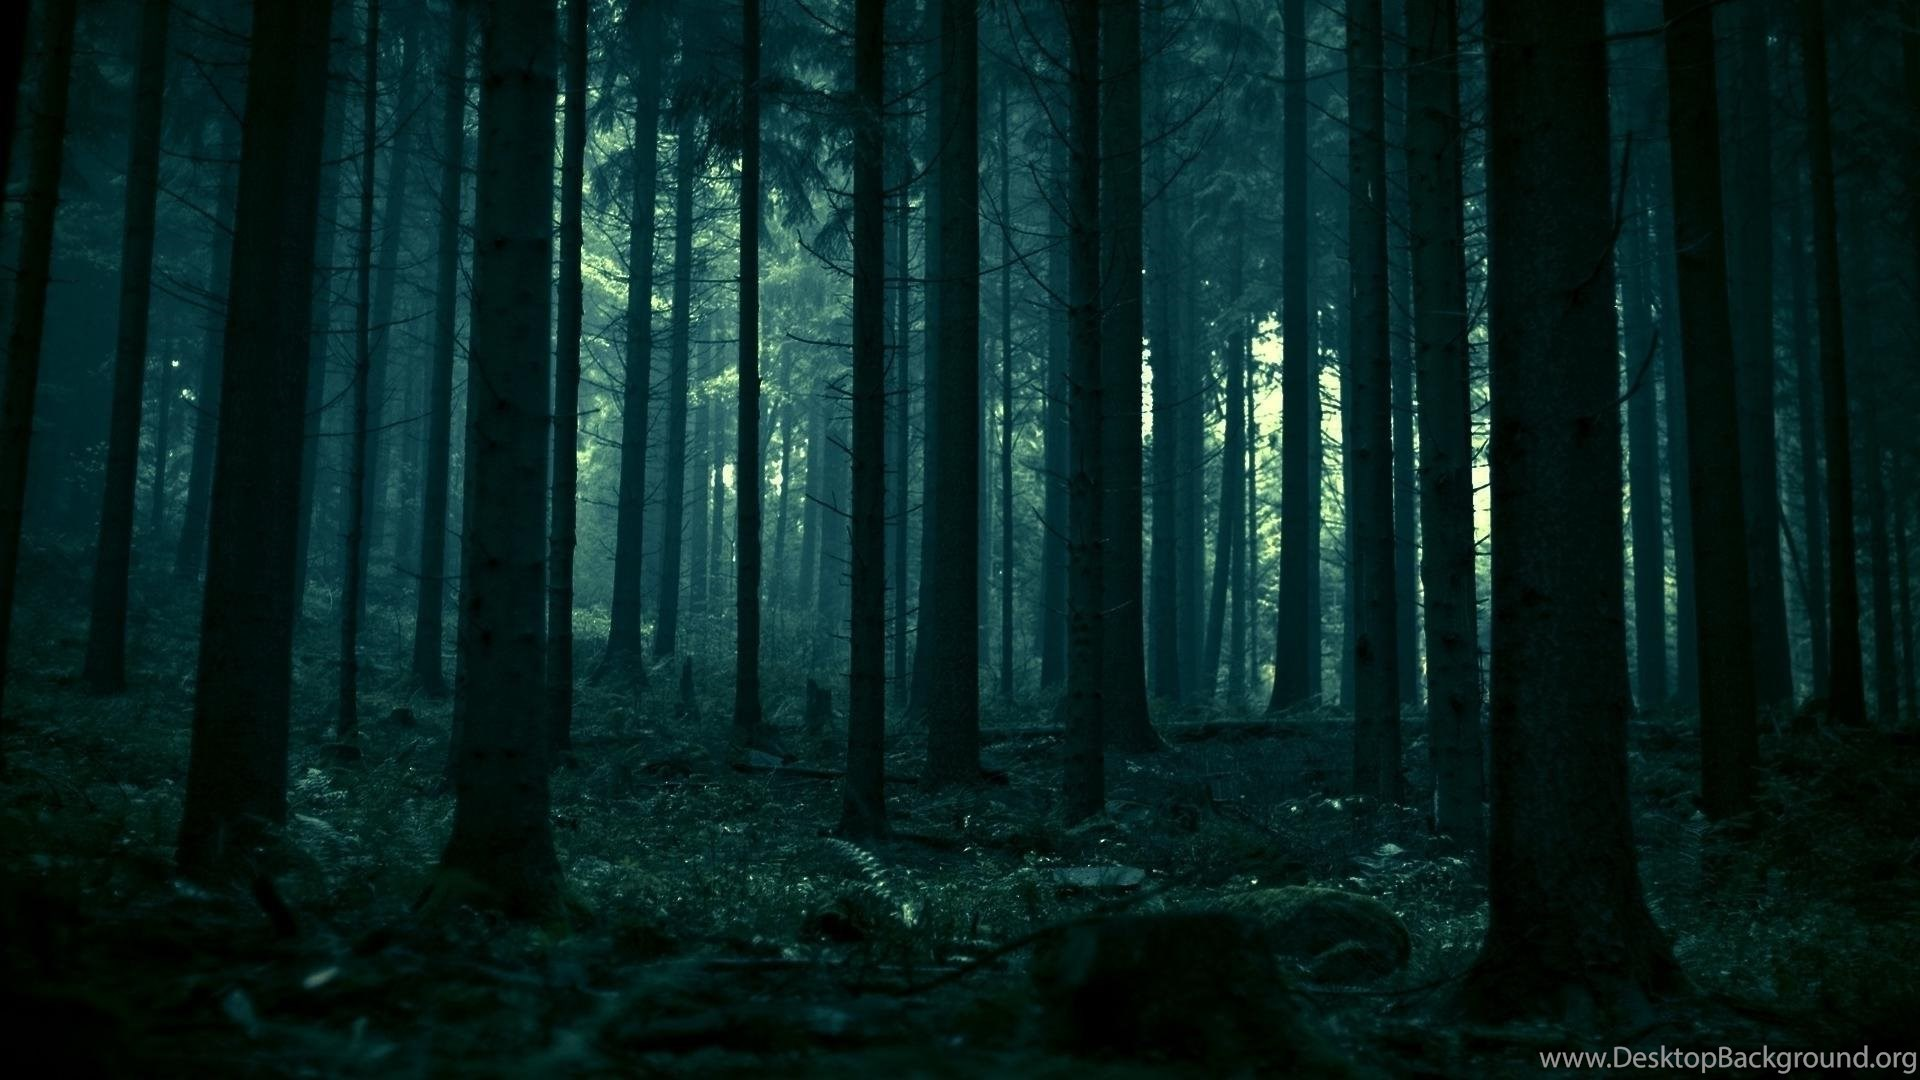 1440x900px Fairy Dark Forest Wallpapers Desktop Background